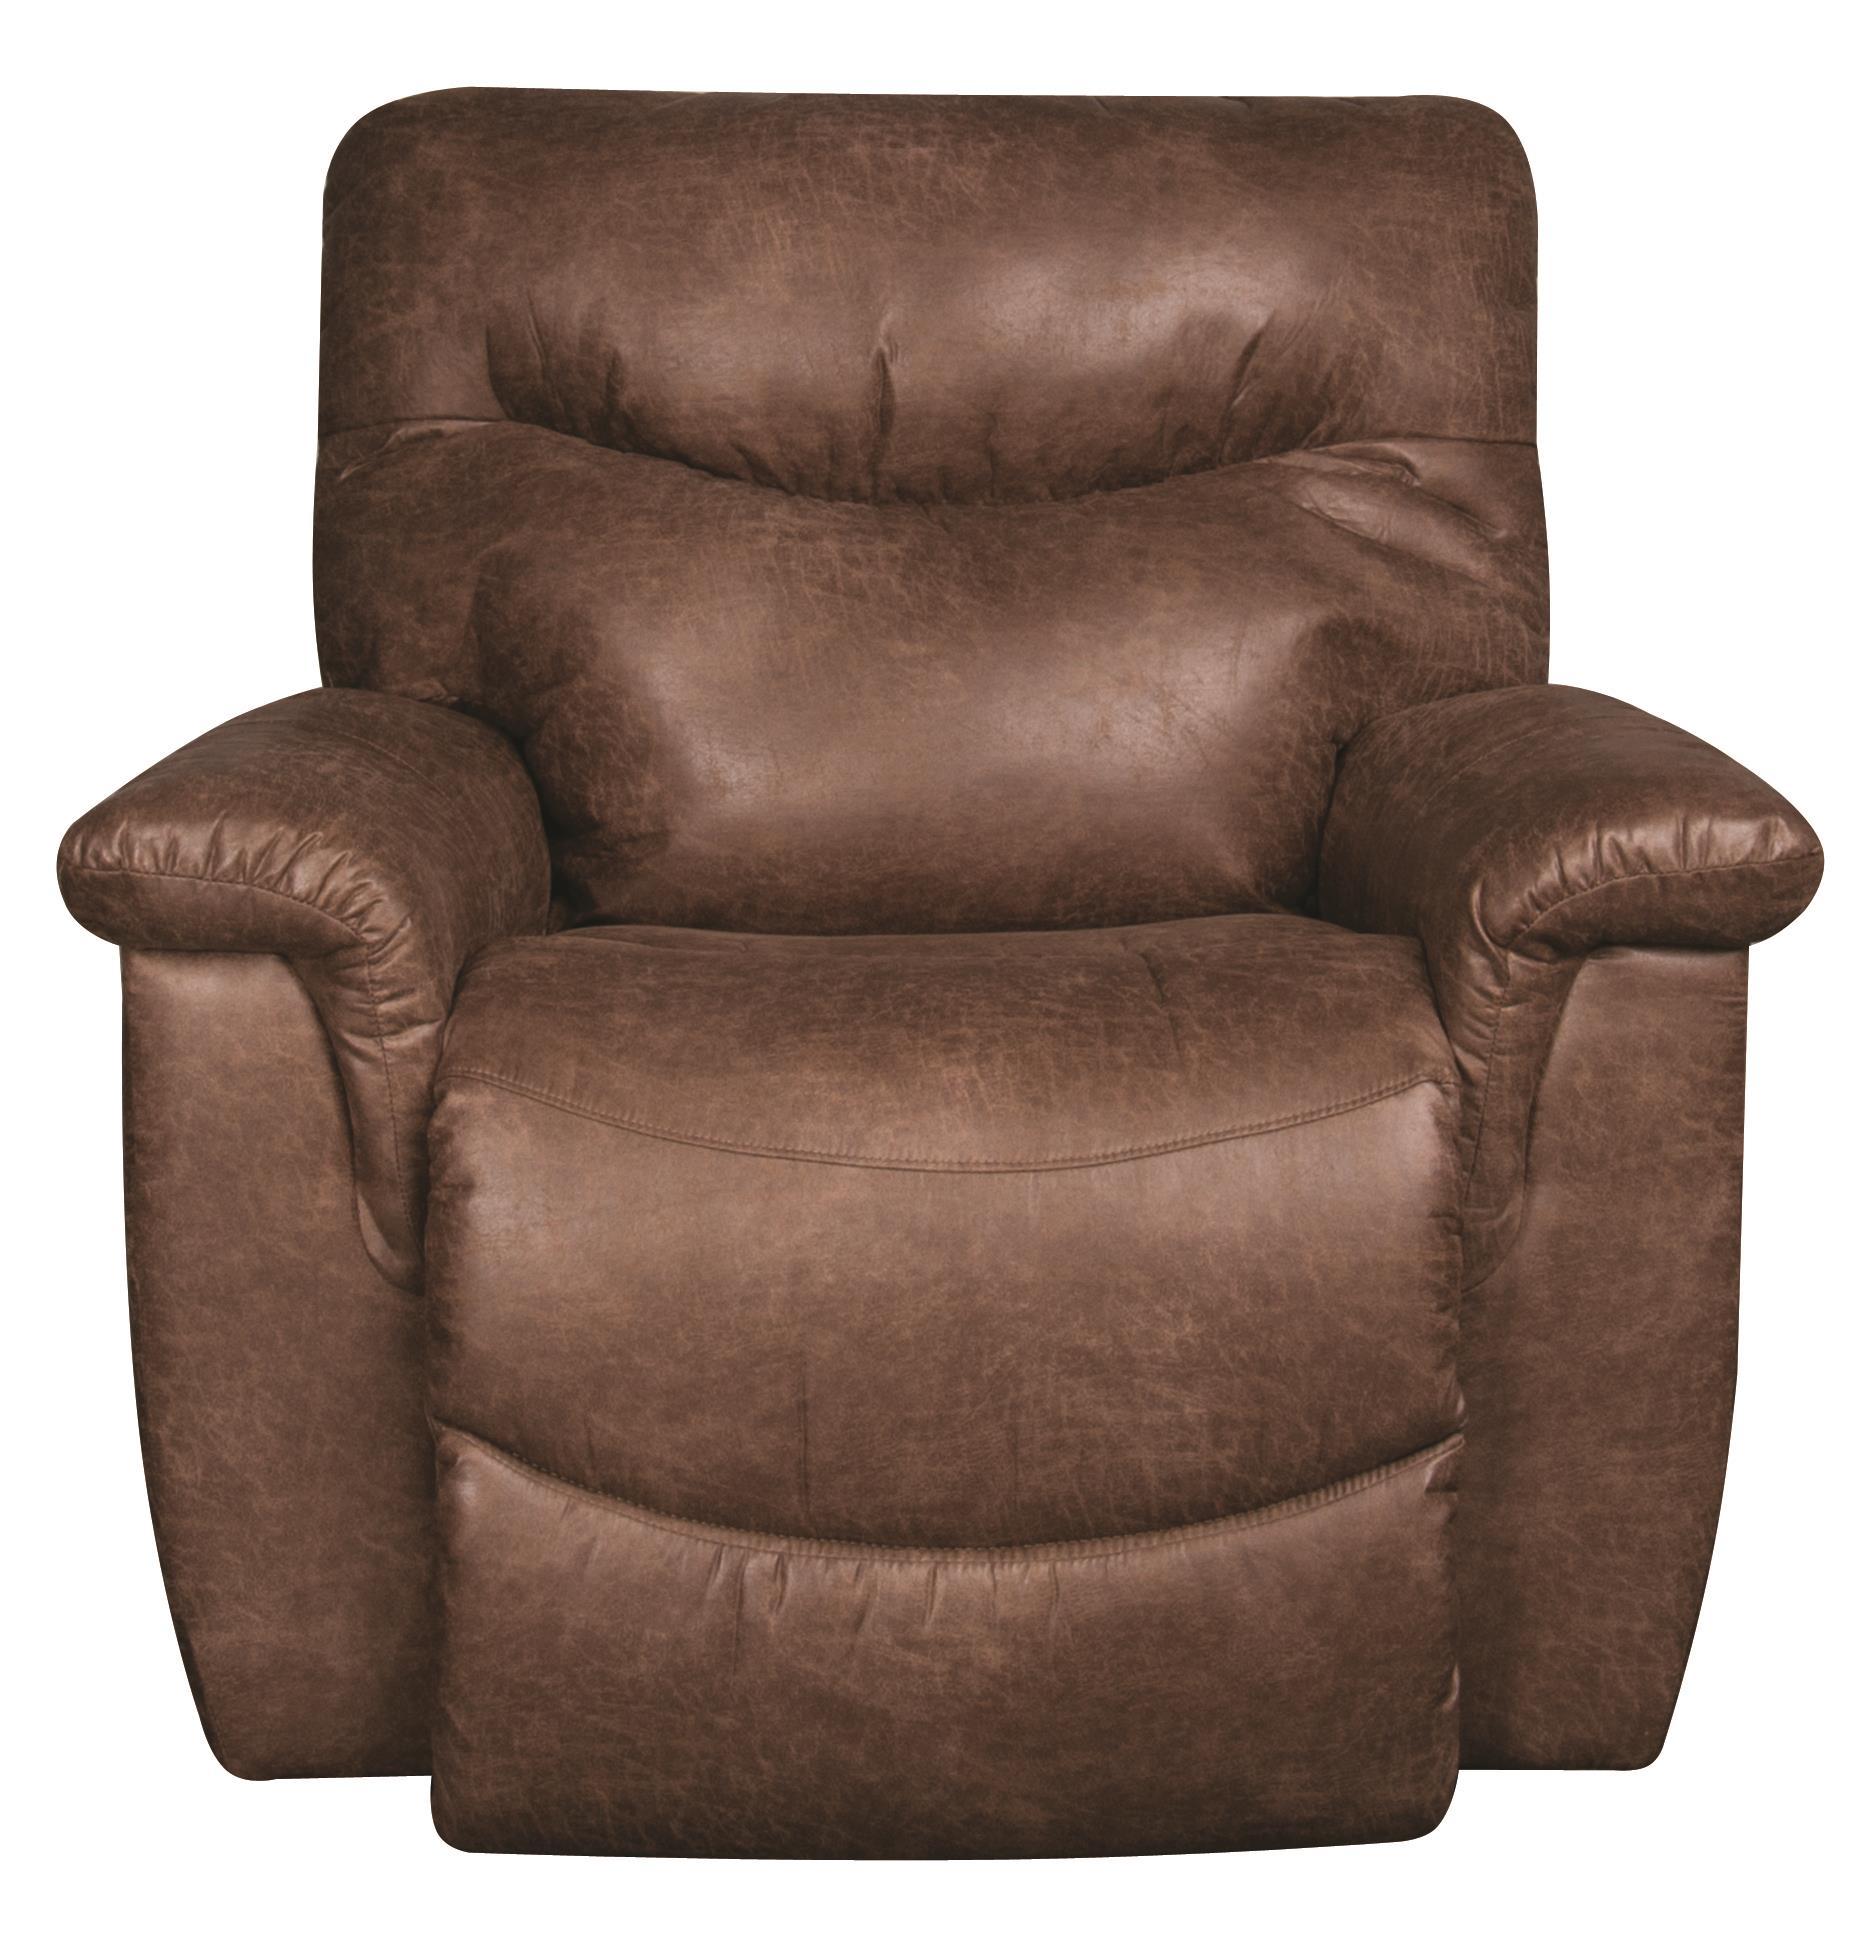 ... La-Z-Boy JamesJames Lift Chair ...  sc 1 st  Morris Furniture & La-Z-Boy James Lift Chair | Morris Home | Lift Chairs